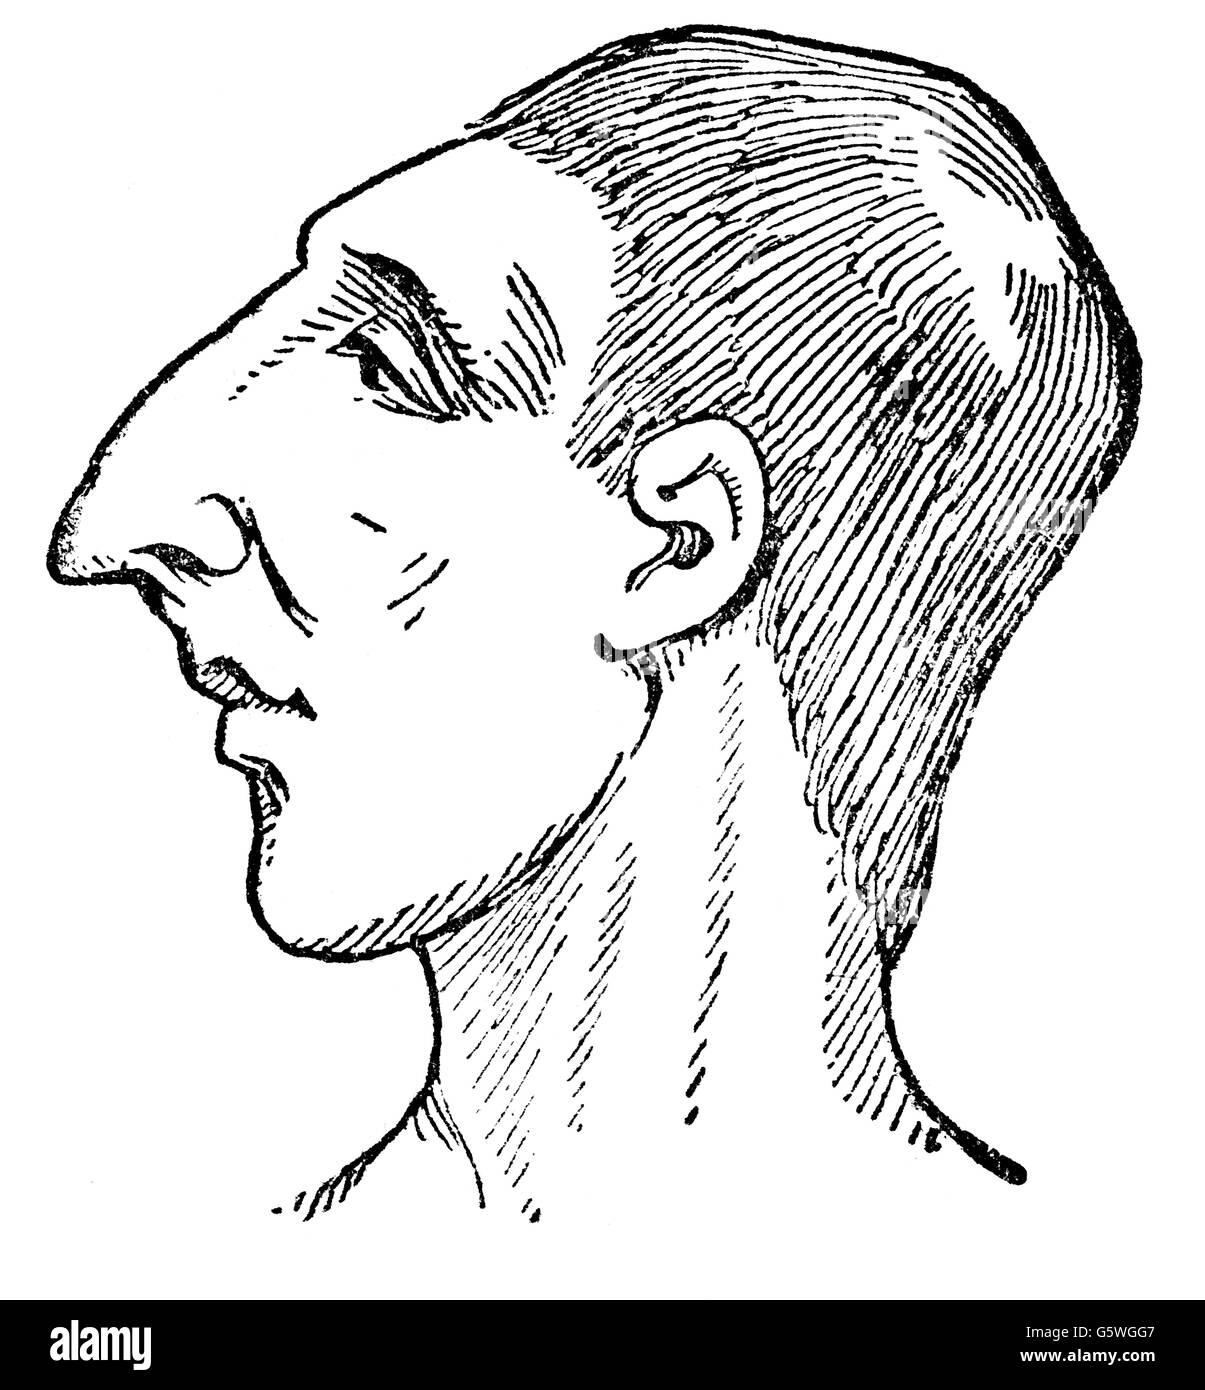 La medicina, la anatomía, la fisonomía, la cara y la cabeza de un ...